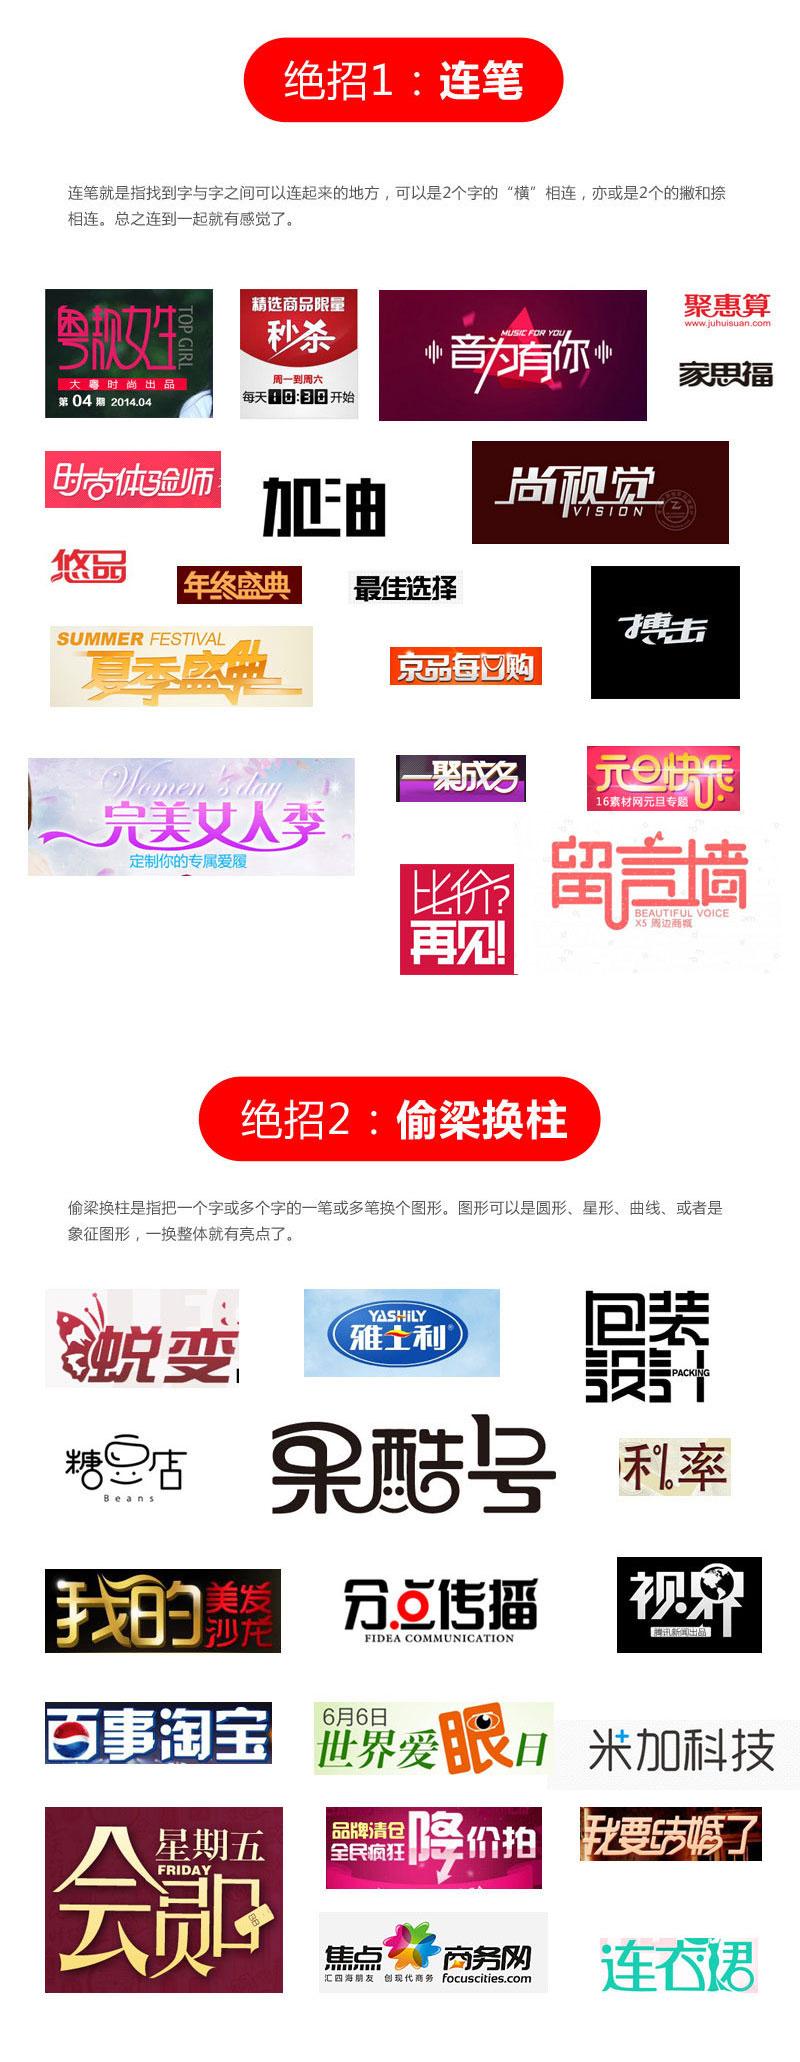 搞定汉字中文字体设计,只需10招3